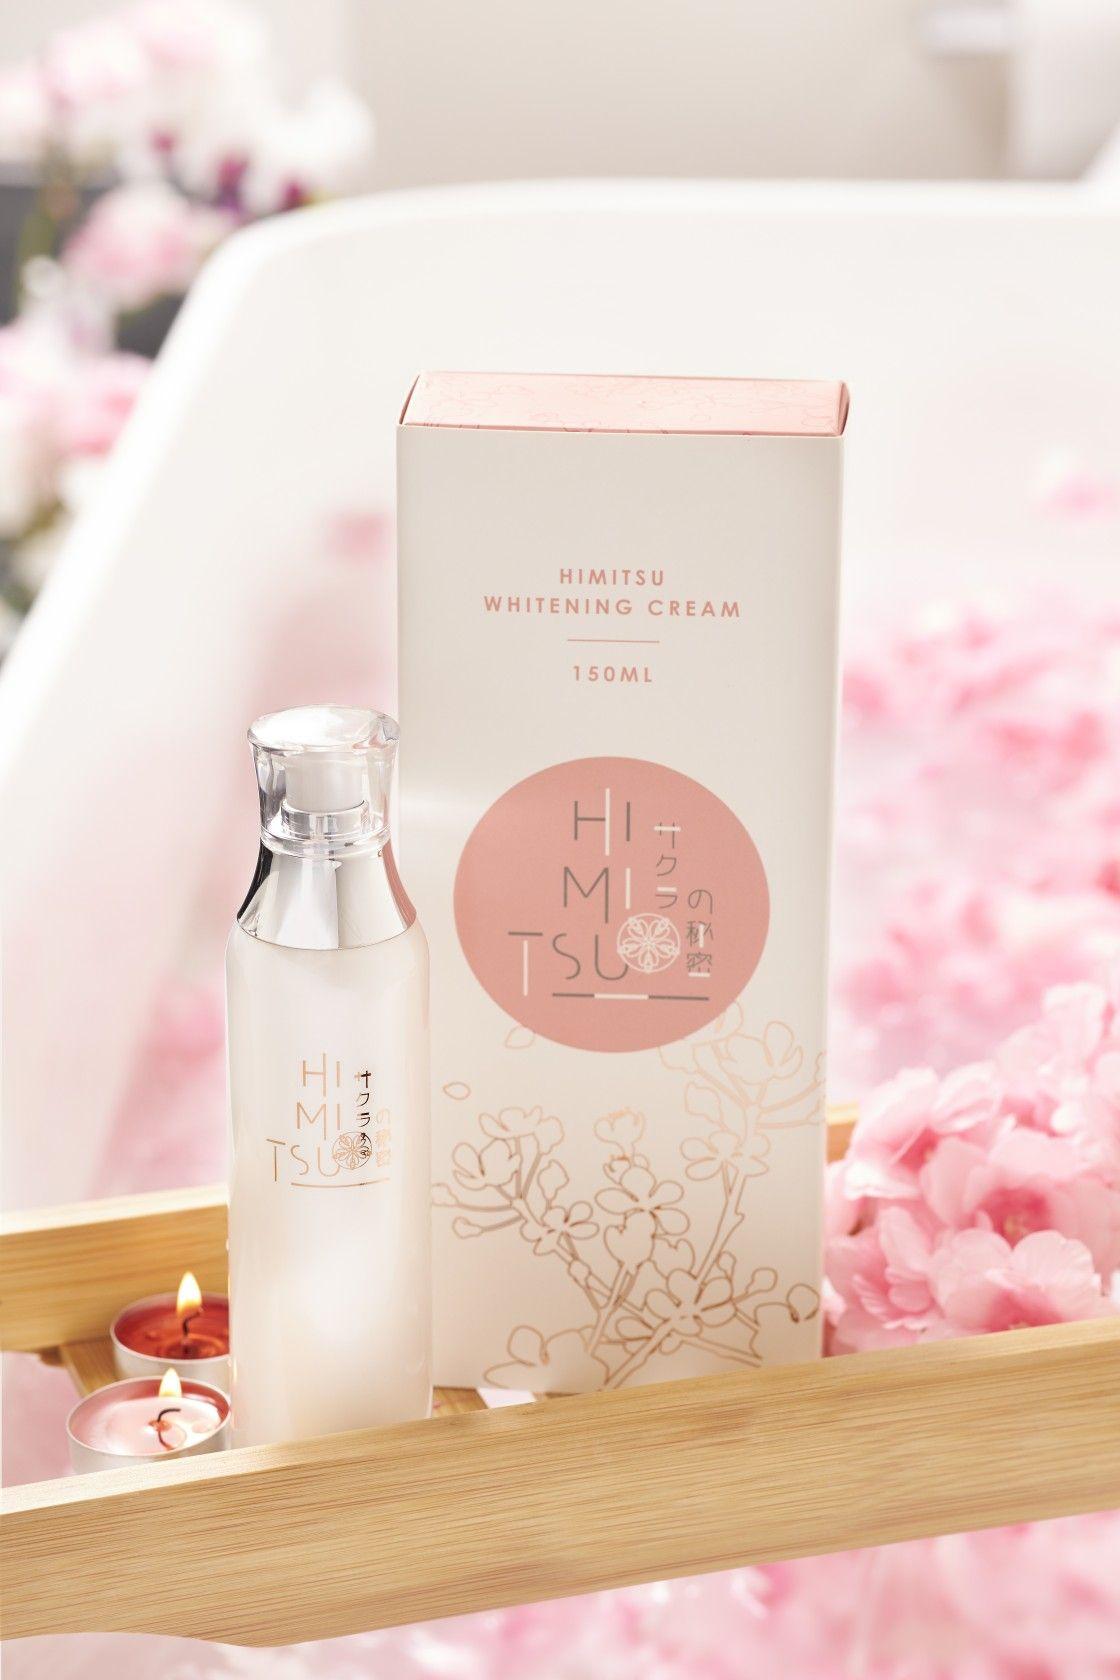 Himitsu Whitening Cream